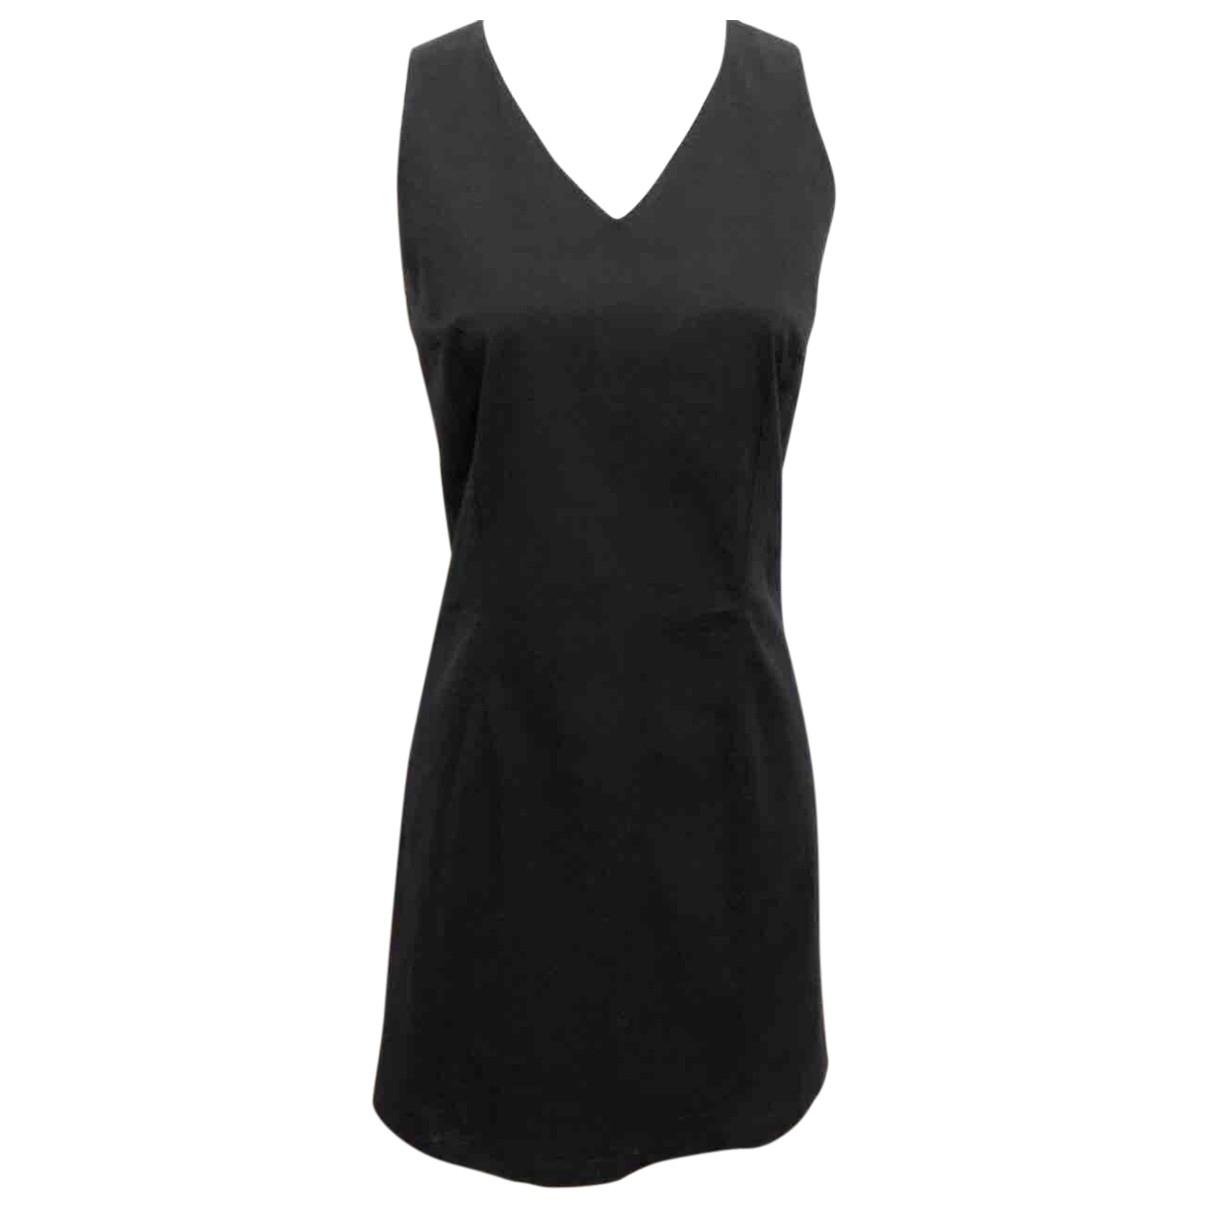 Fendissime \N Black Cotton dress for Women 40 FR